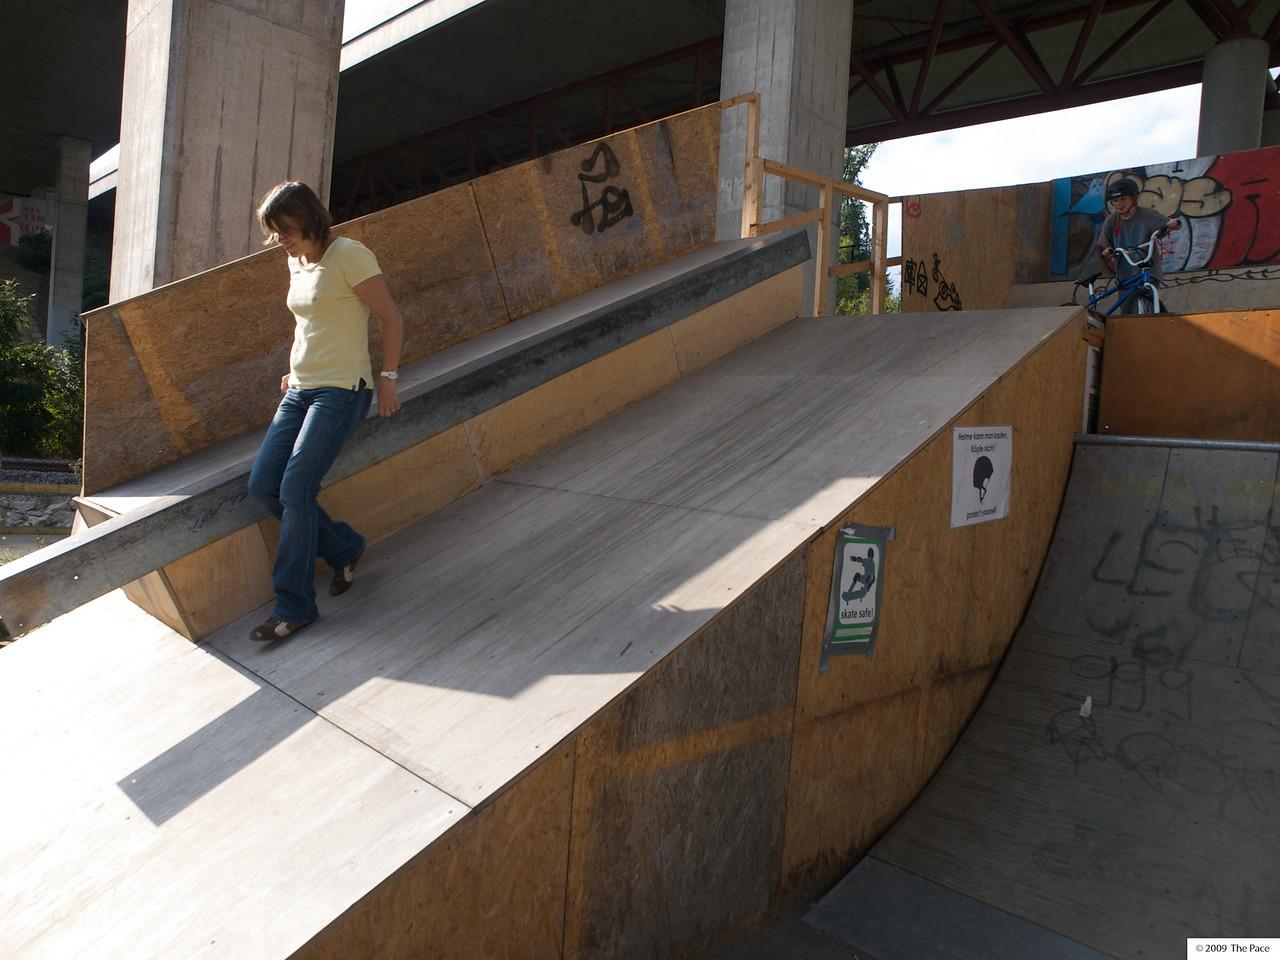 Thursday 17th Sept 2009 - Kerstin has lost her skateboard